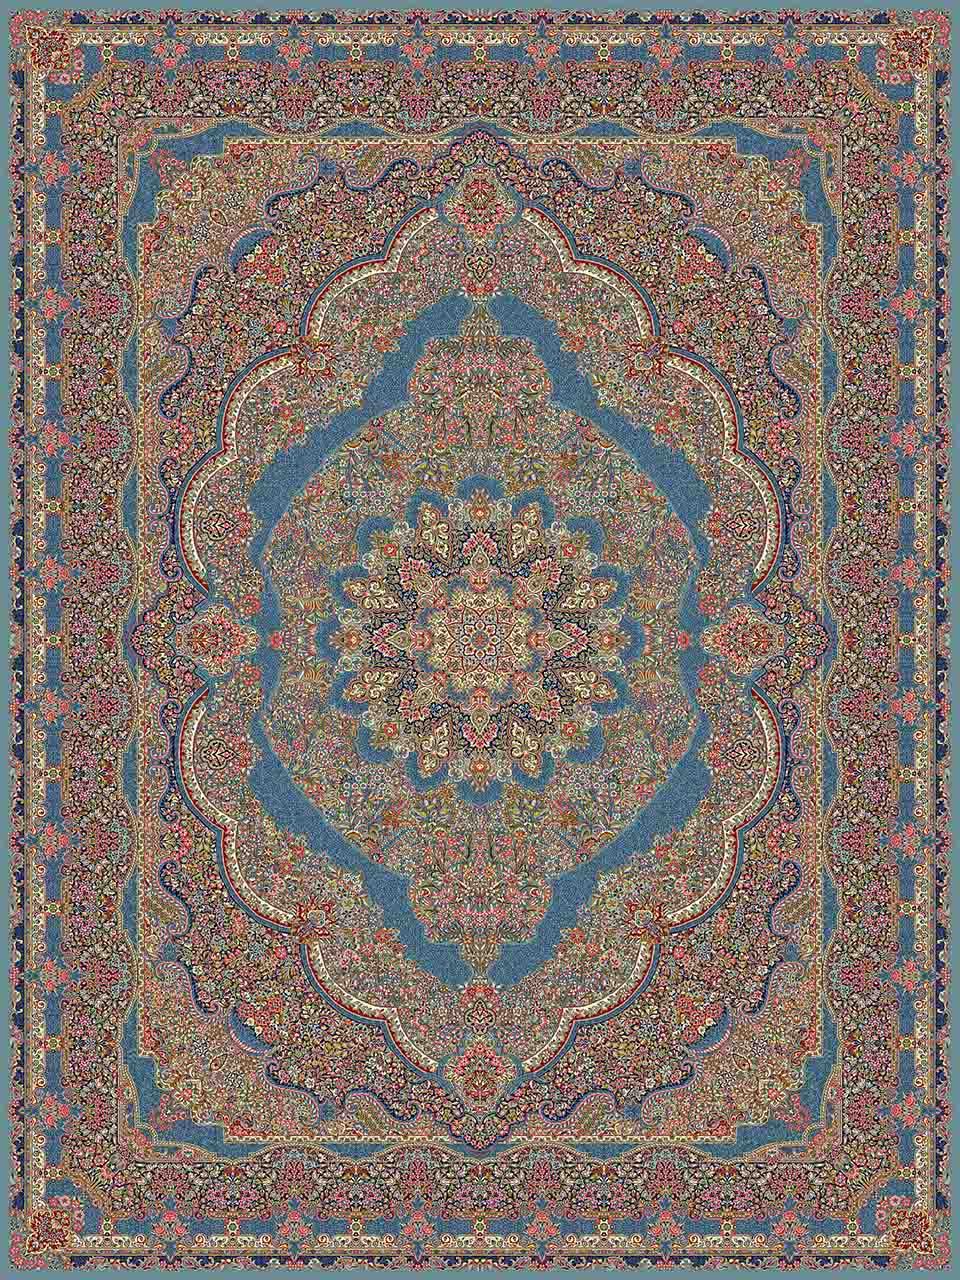 فرش (25004) اکریلیک - 8 رنگ - 700 شانه - آبي - تراکم 2550